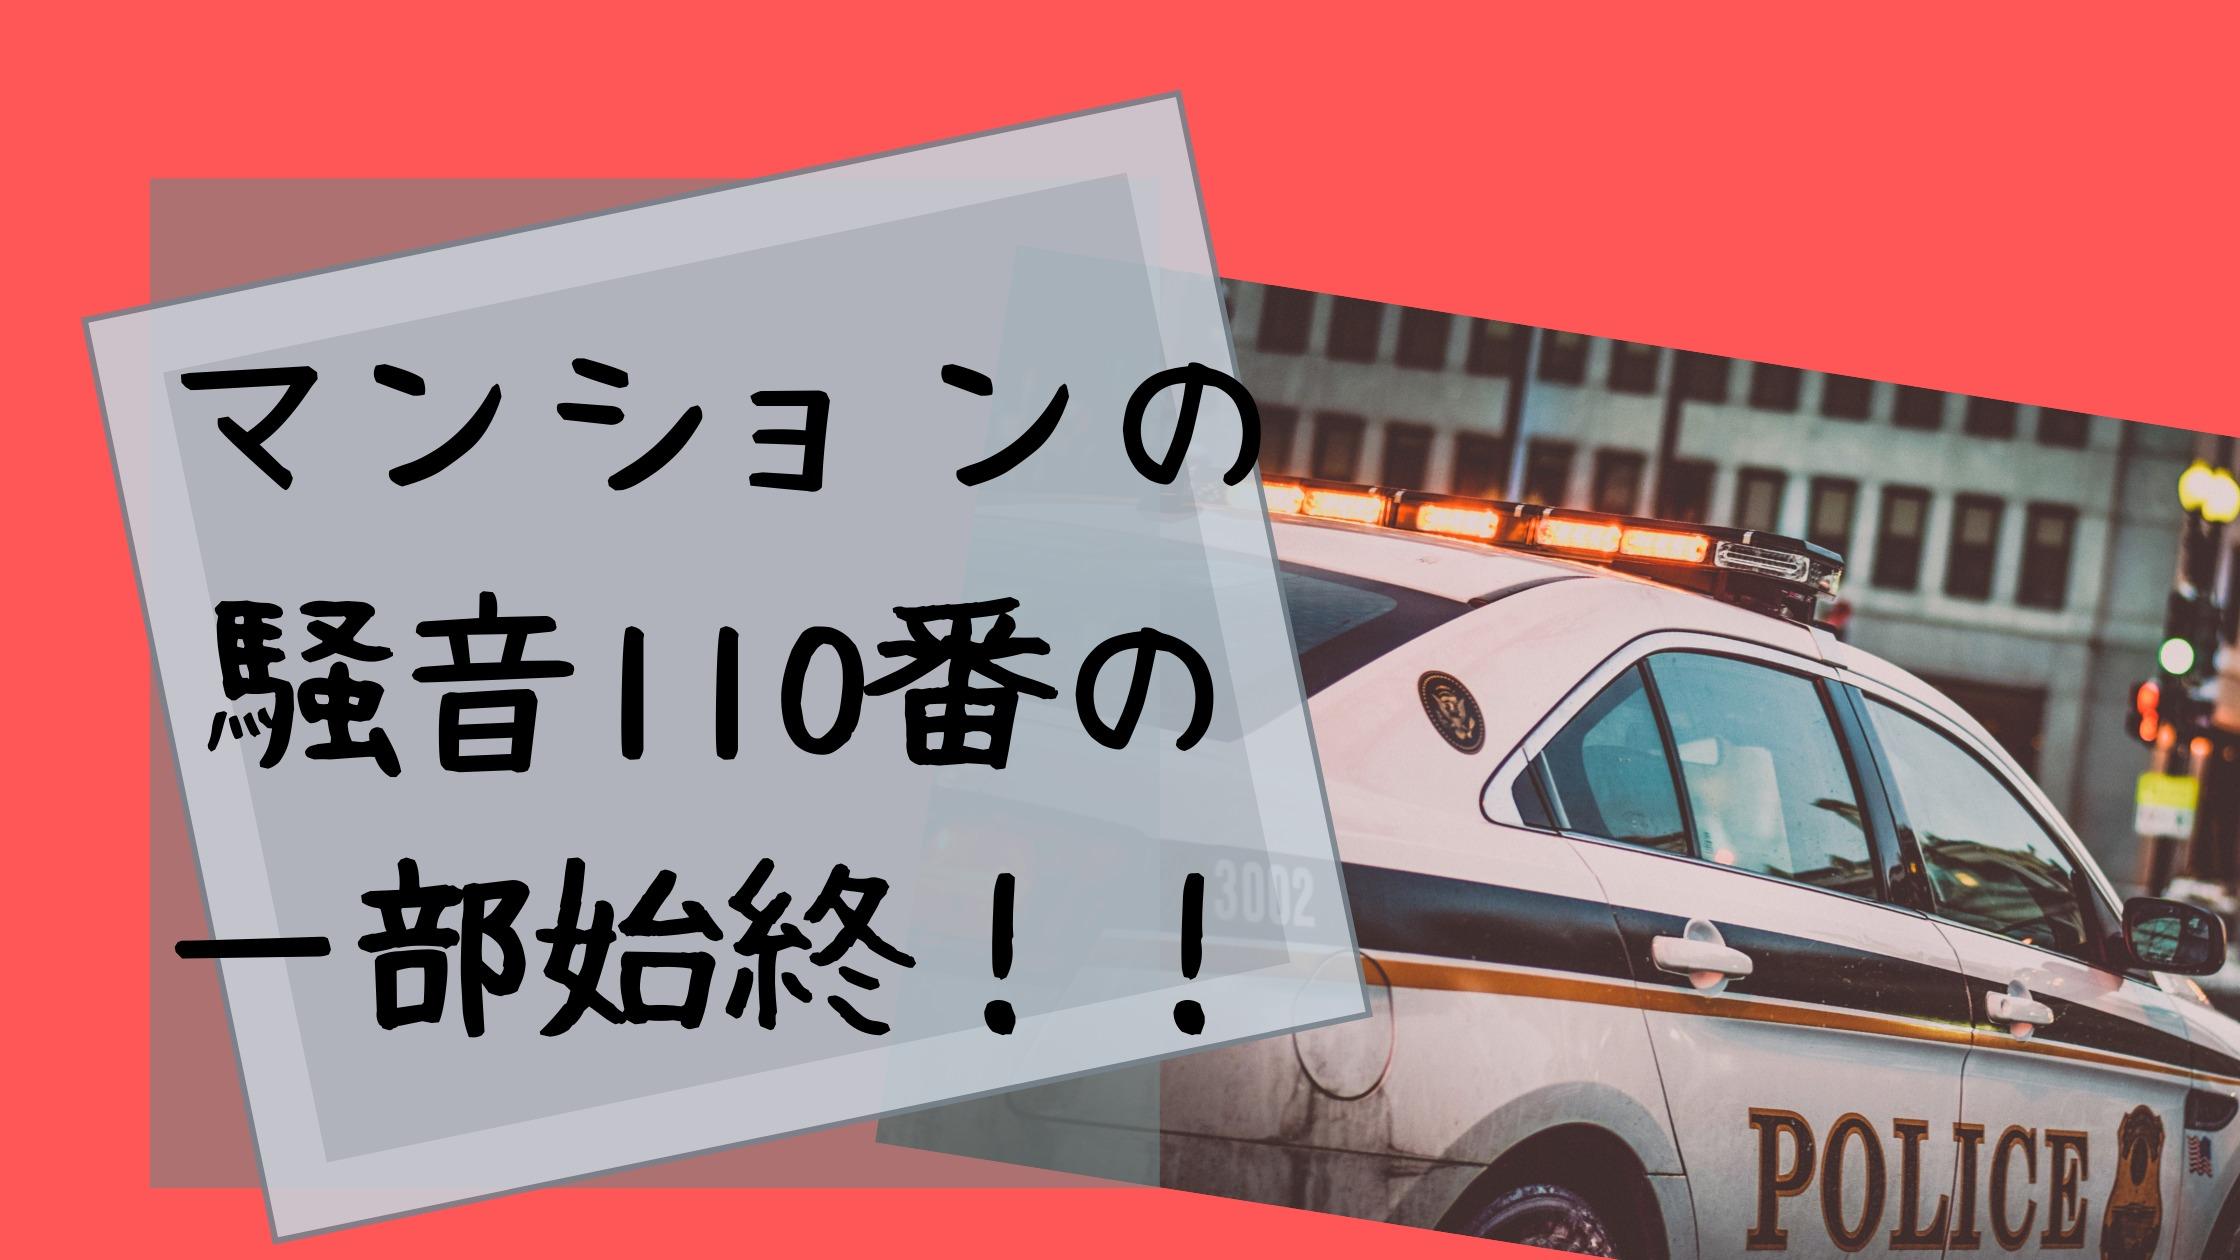 マンションの騒音を警察に110番